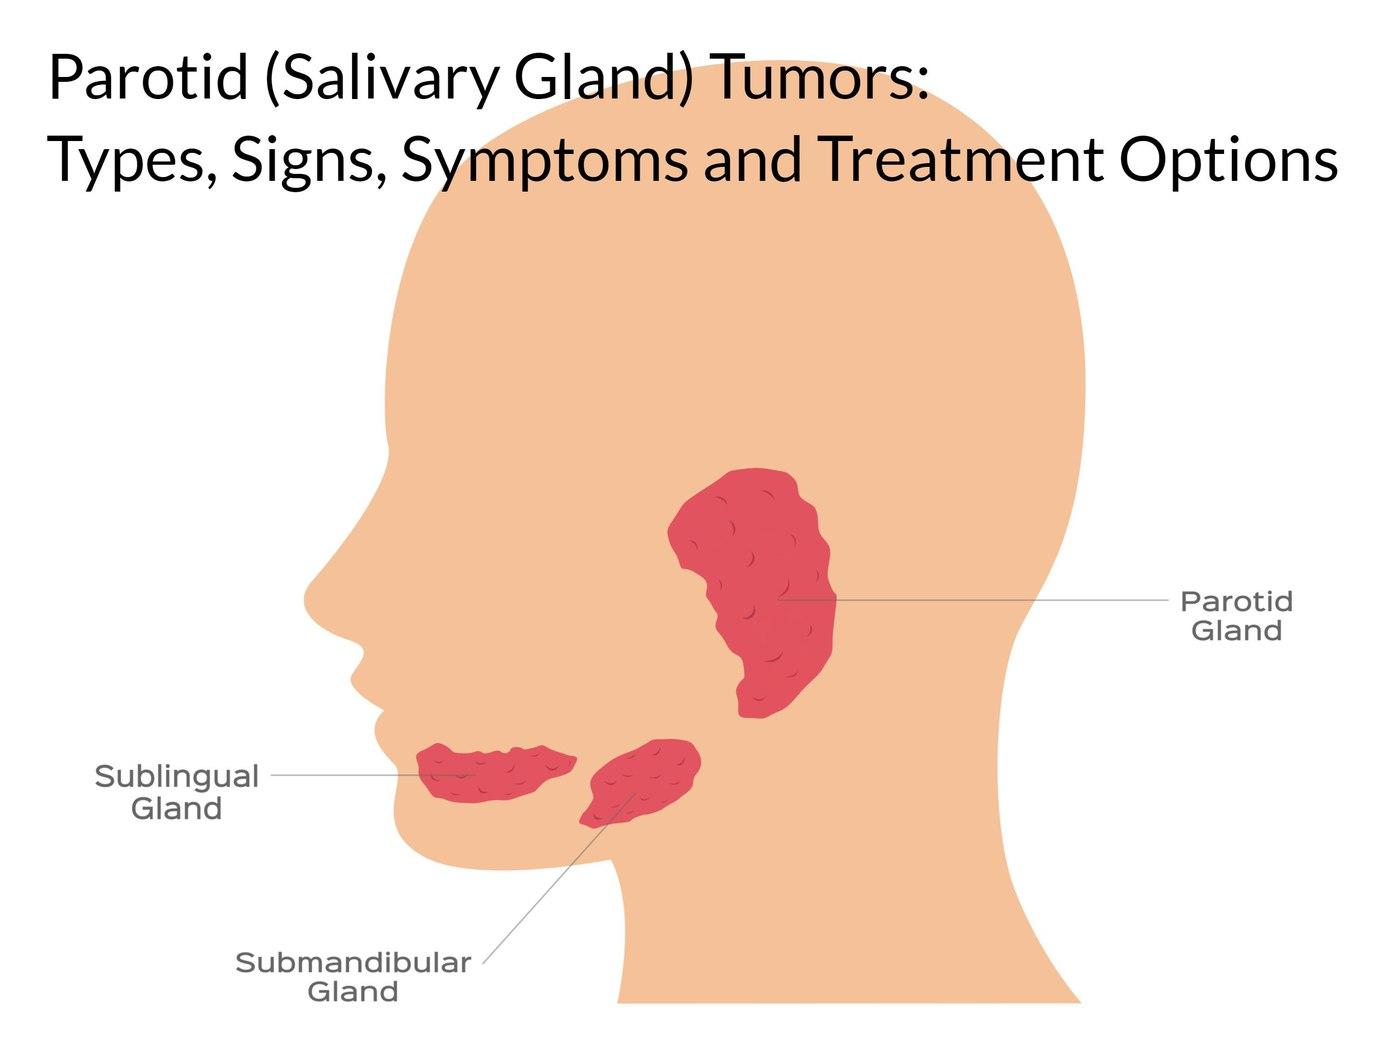 parotid salivary gland tumors houston texas